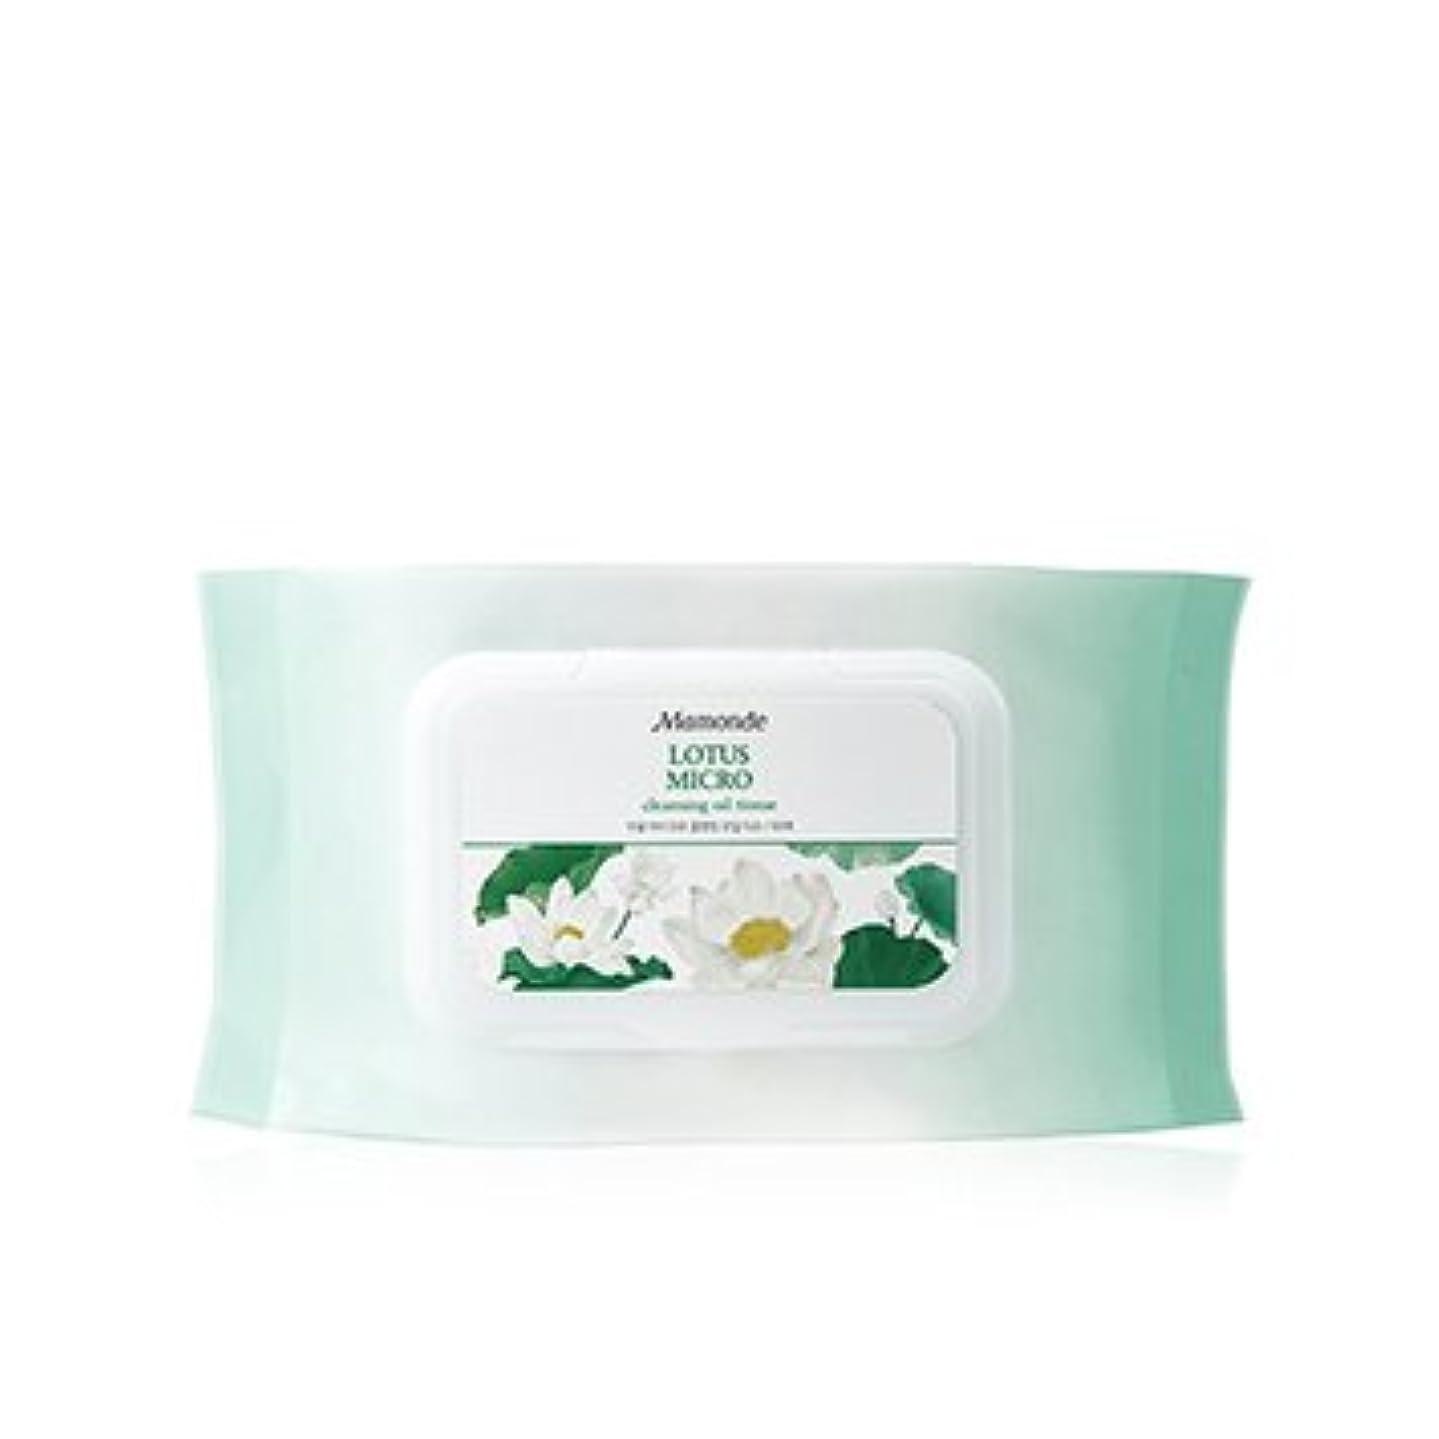 切り離すスロープ知覚的Mamonde Lotus Micro Cleansing Oil Tissue 50Sheets/マモンド 蓮 マイクロ クレンジング オイル ティッシュ 50枚入り [並行輸入品]